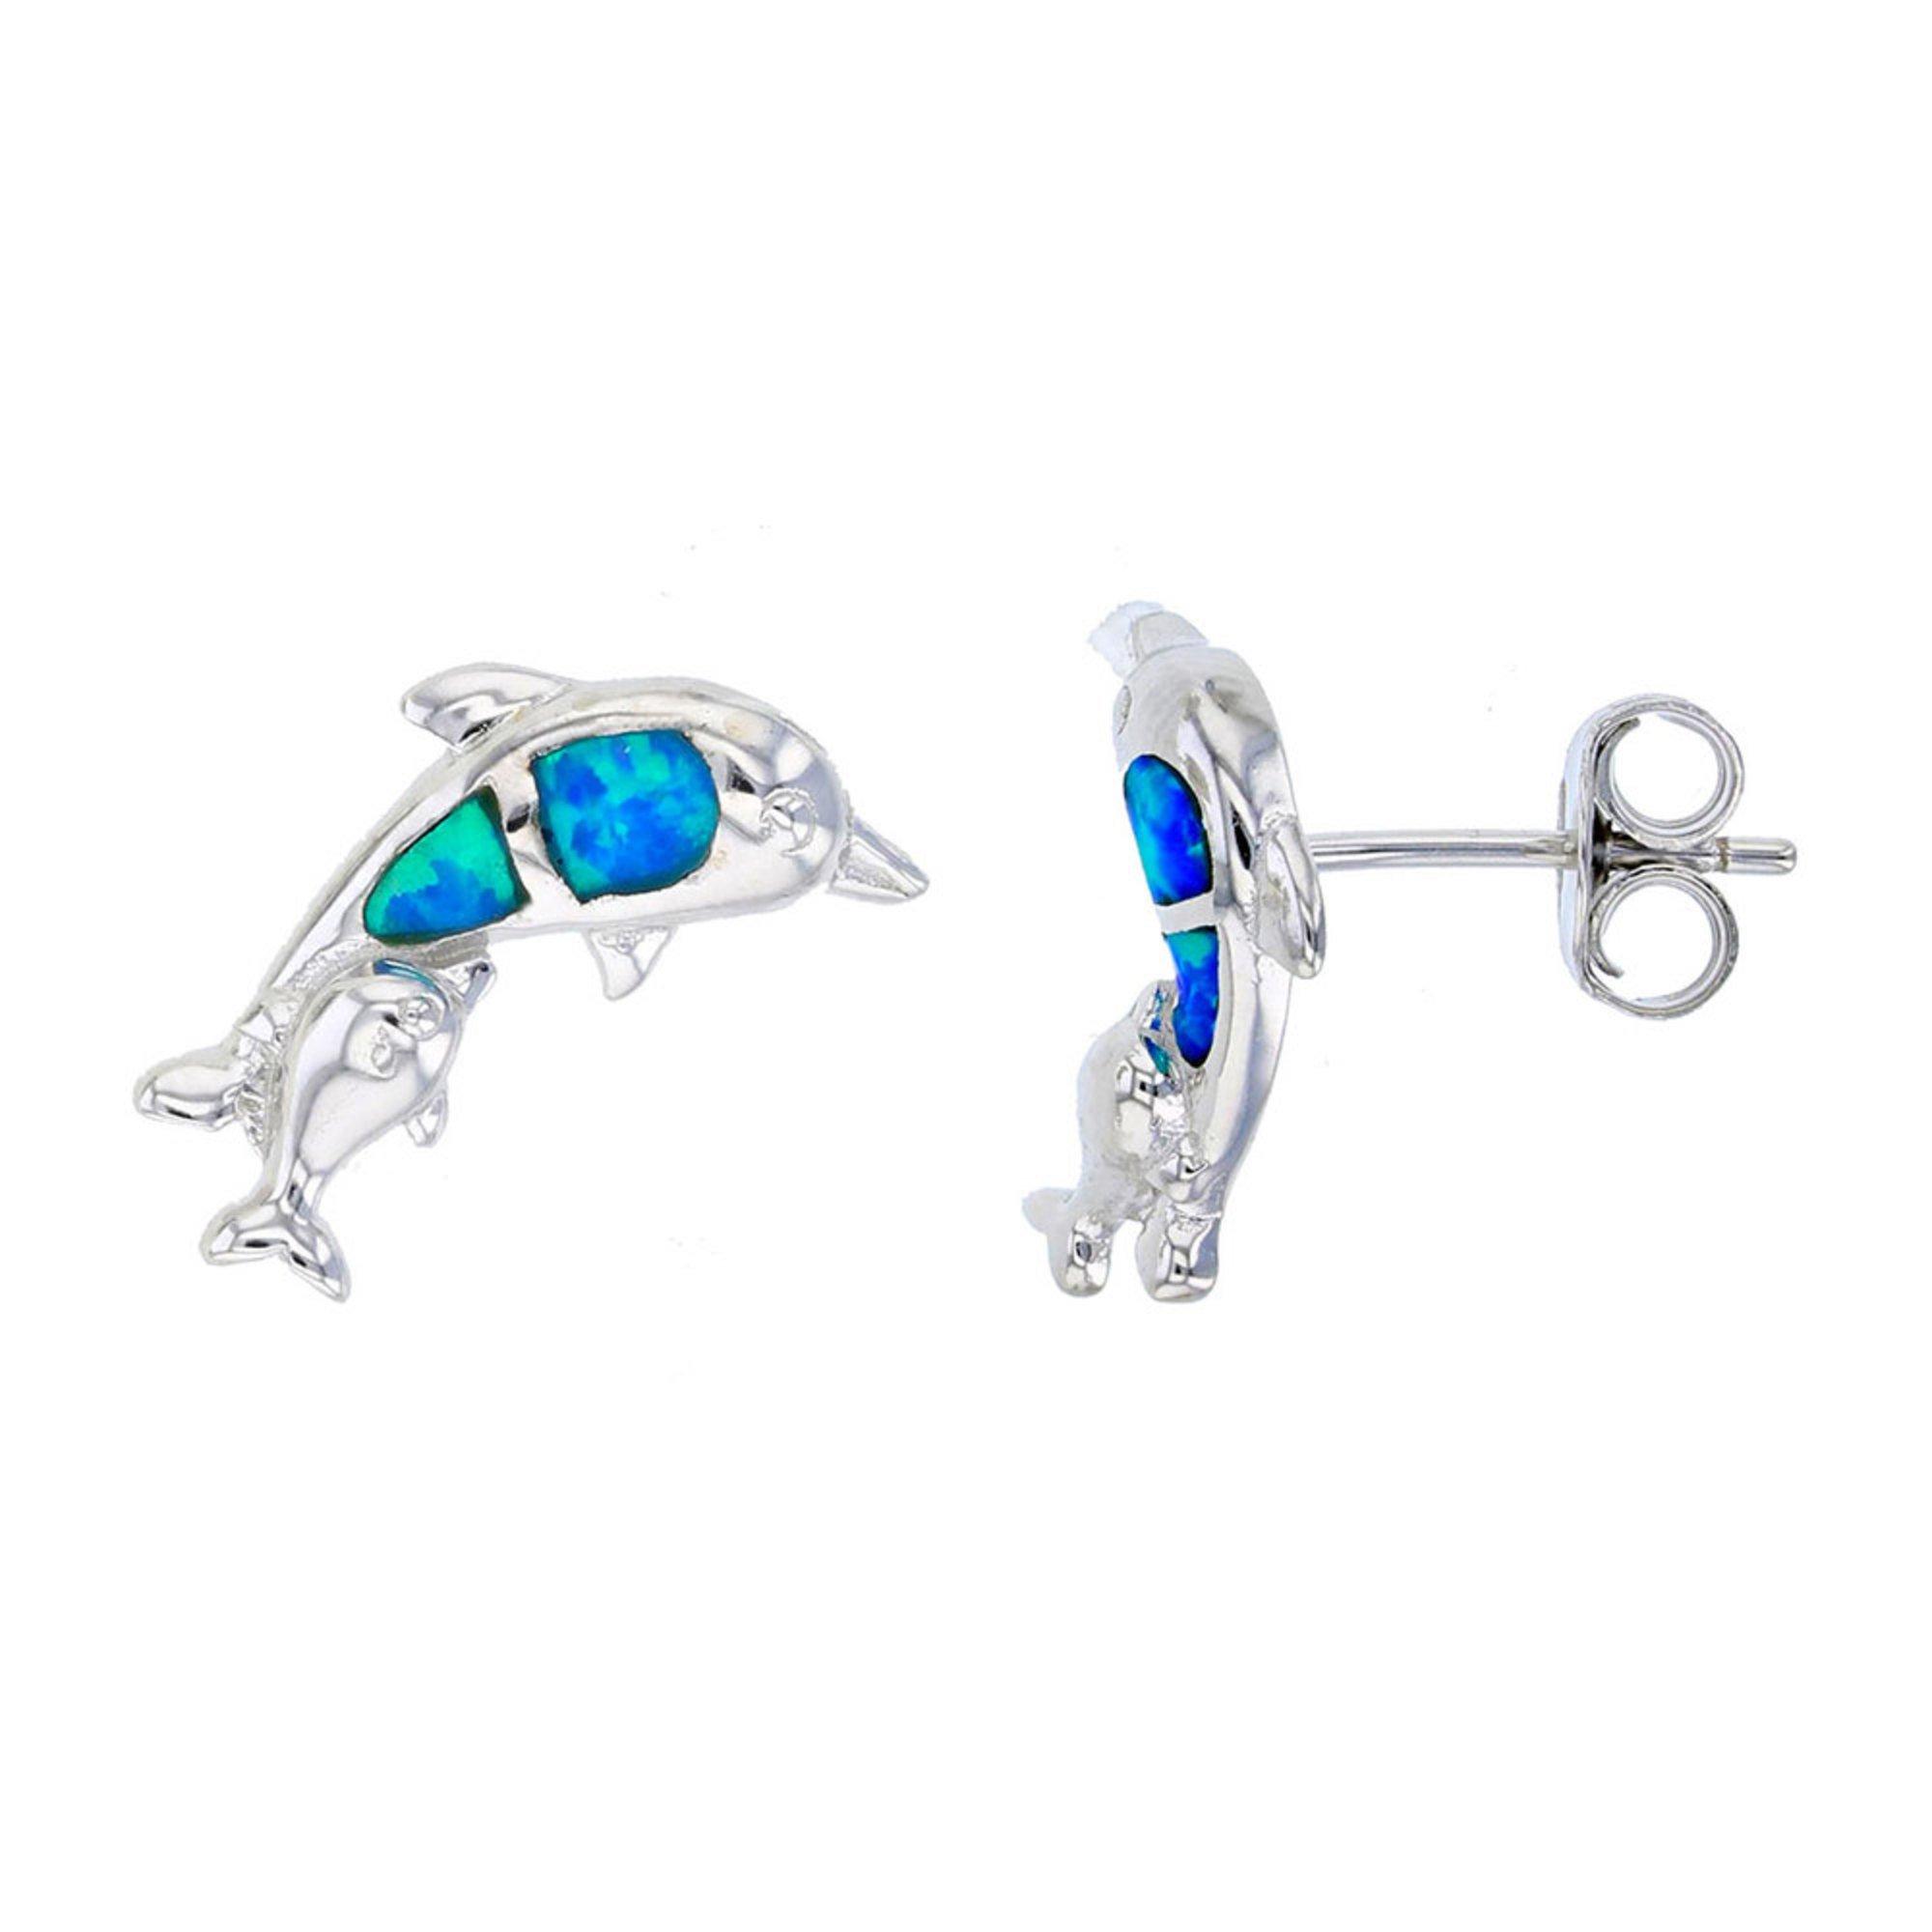 Bijoux Du Soleil Created Opal Dolphin Earrings, Sterling